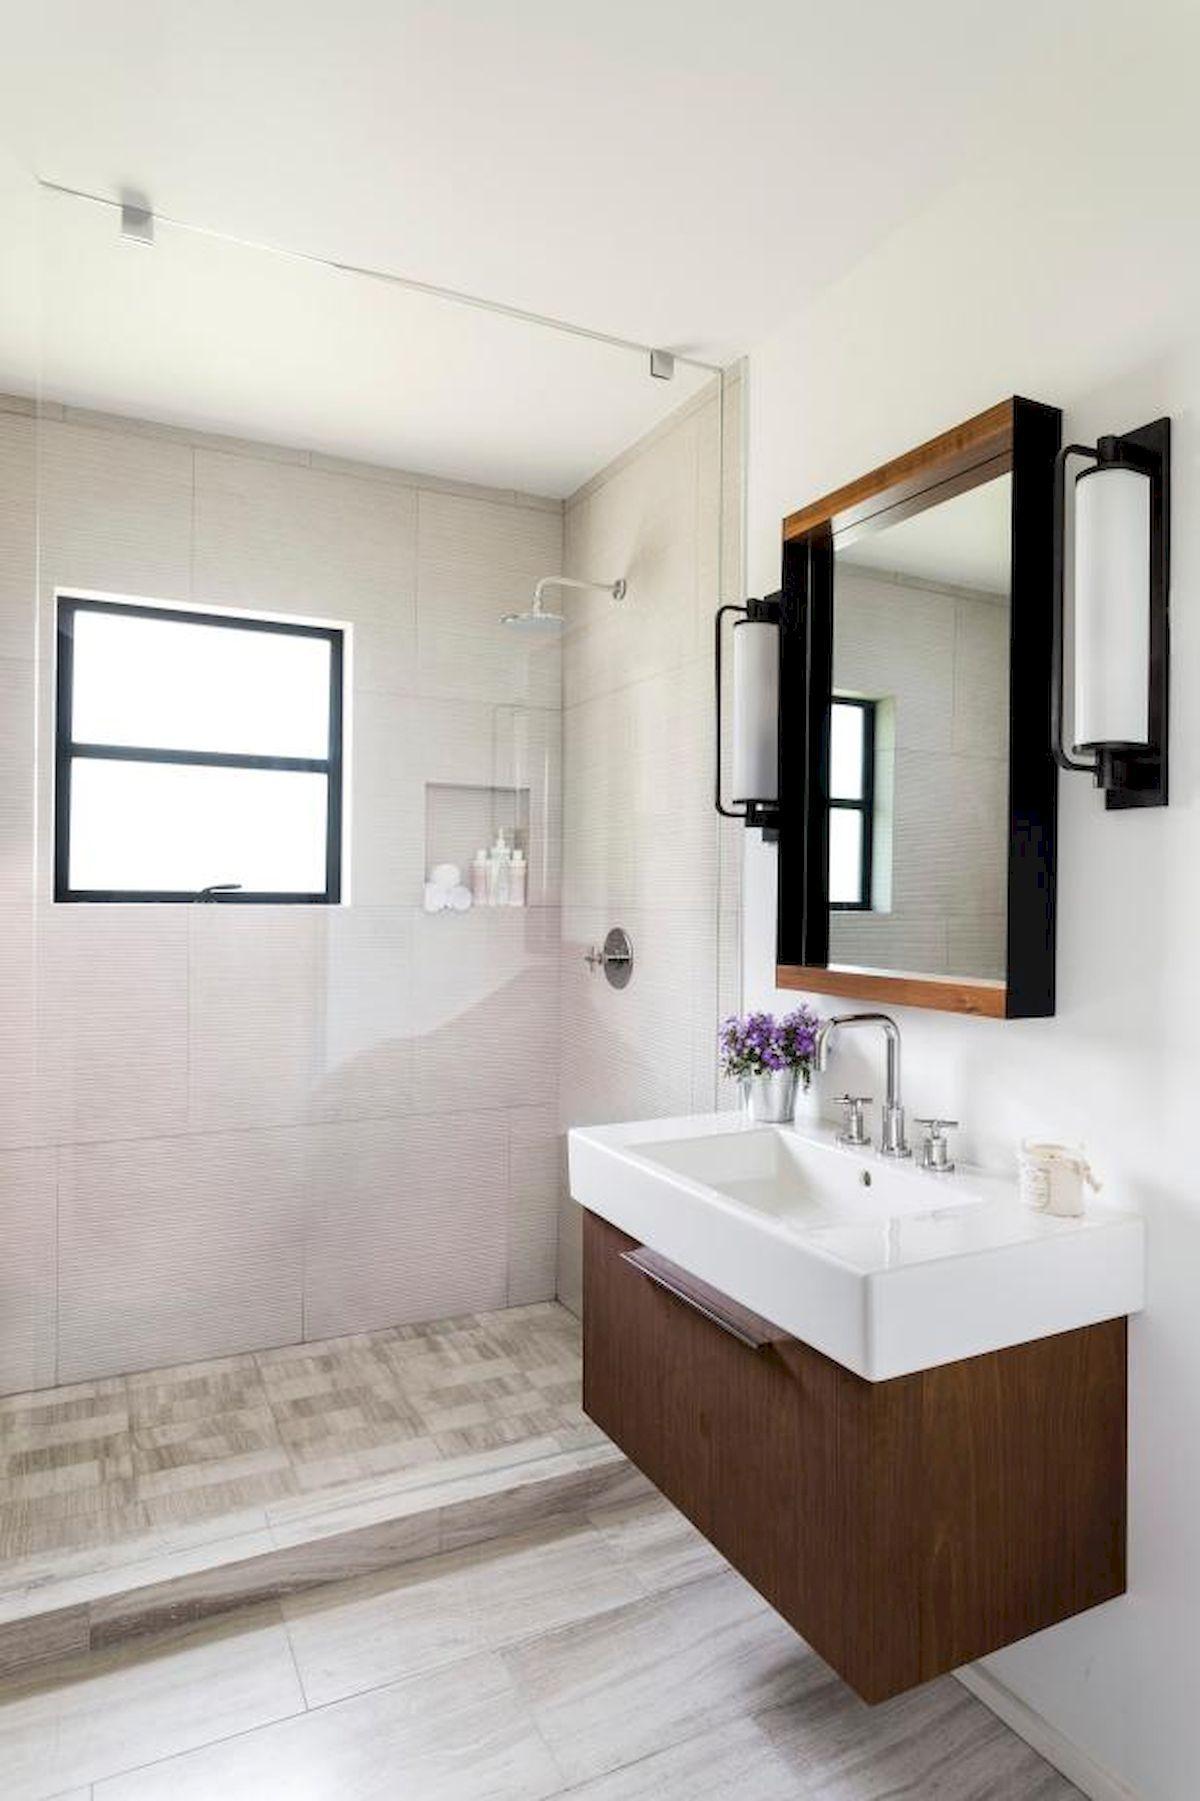 23 stylish bathroom remodeling ideas you ll love budget on bathroom renovation ideas on a budget id=17172